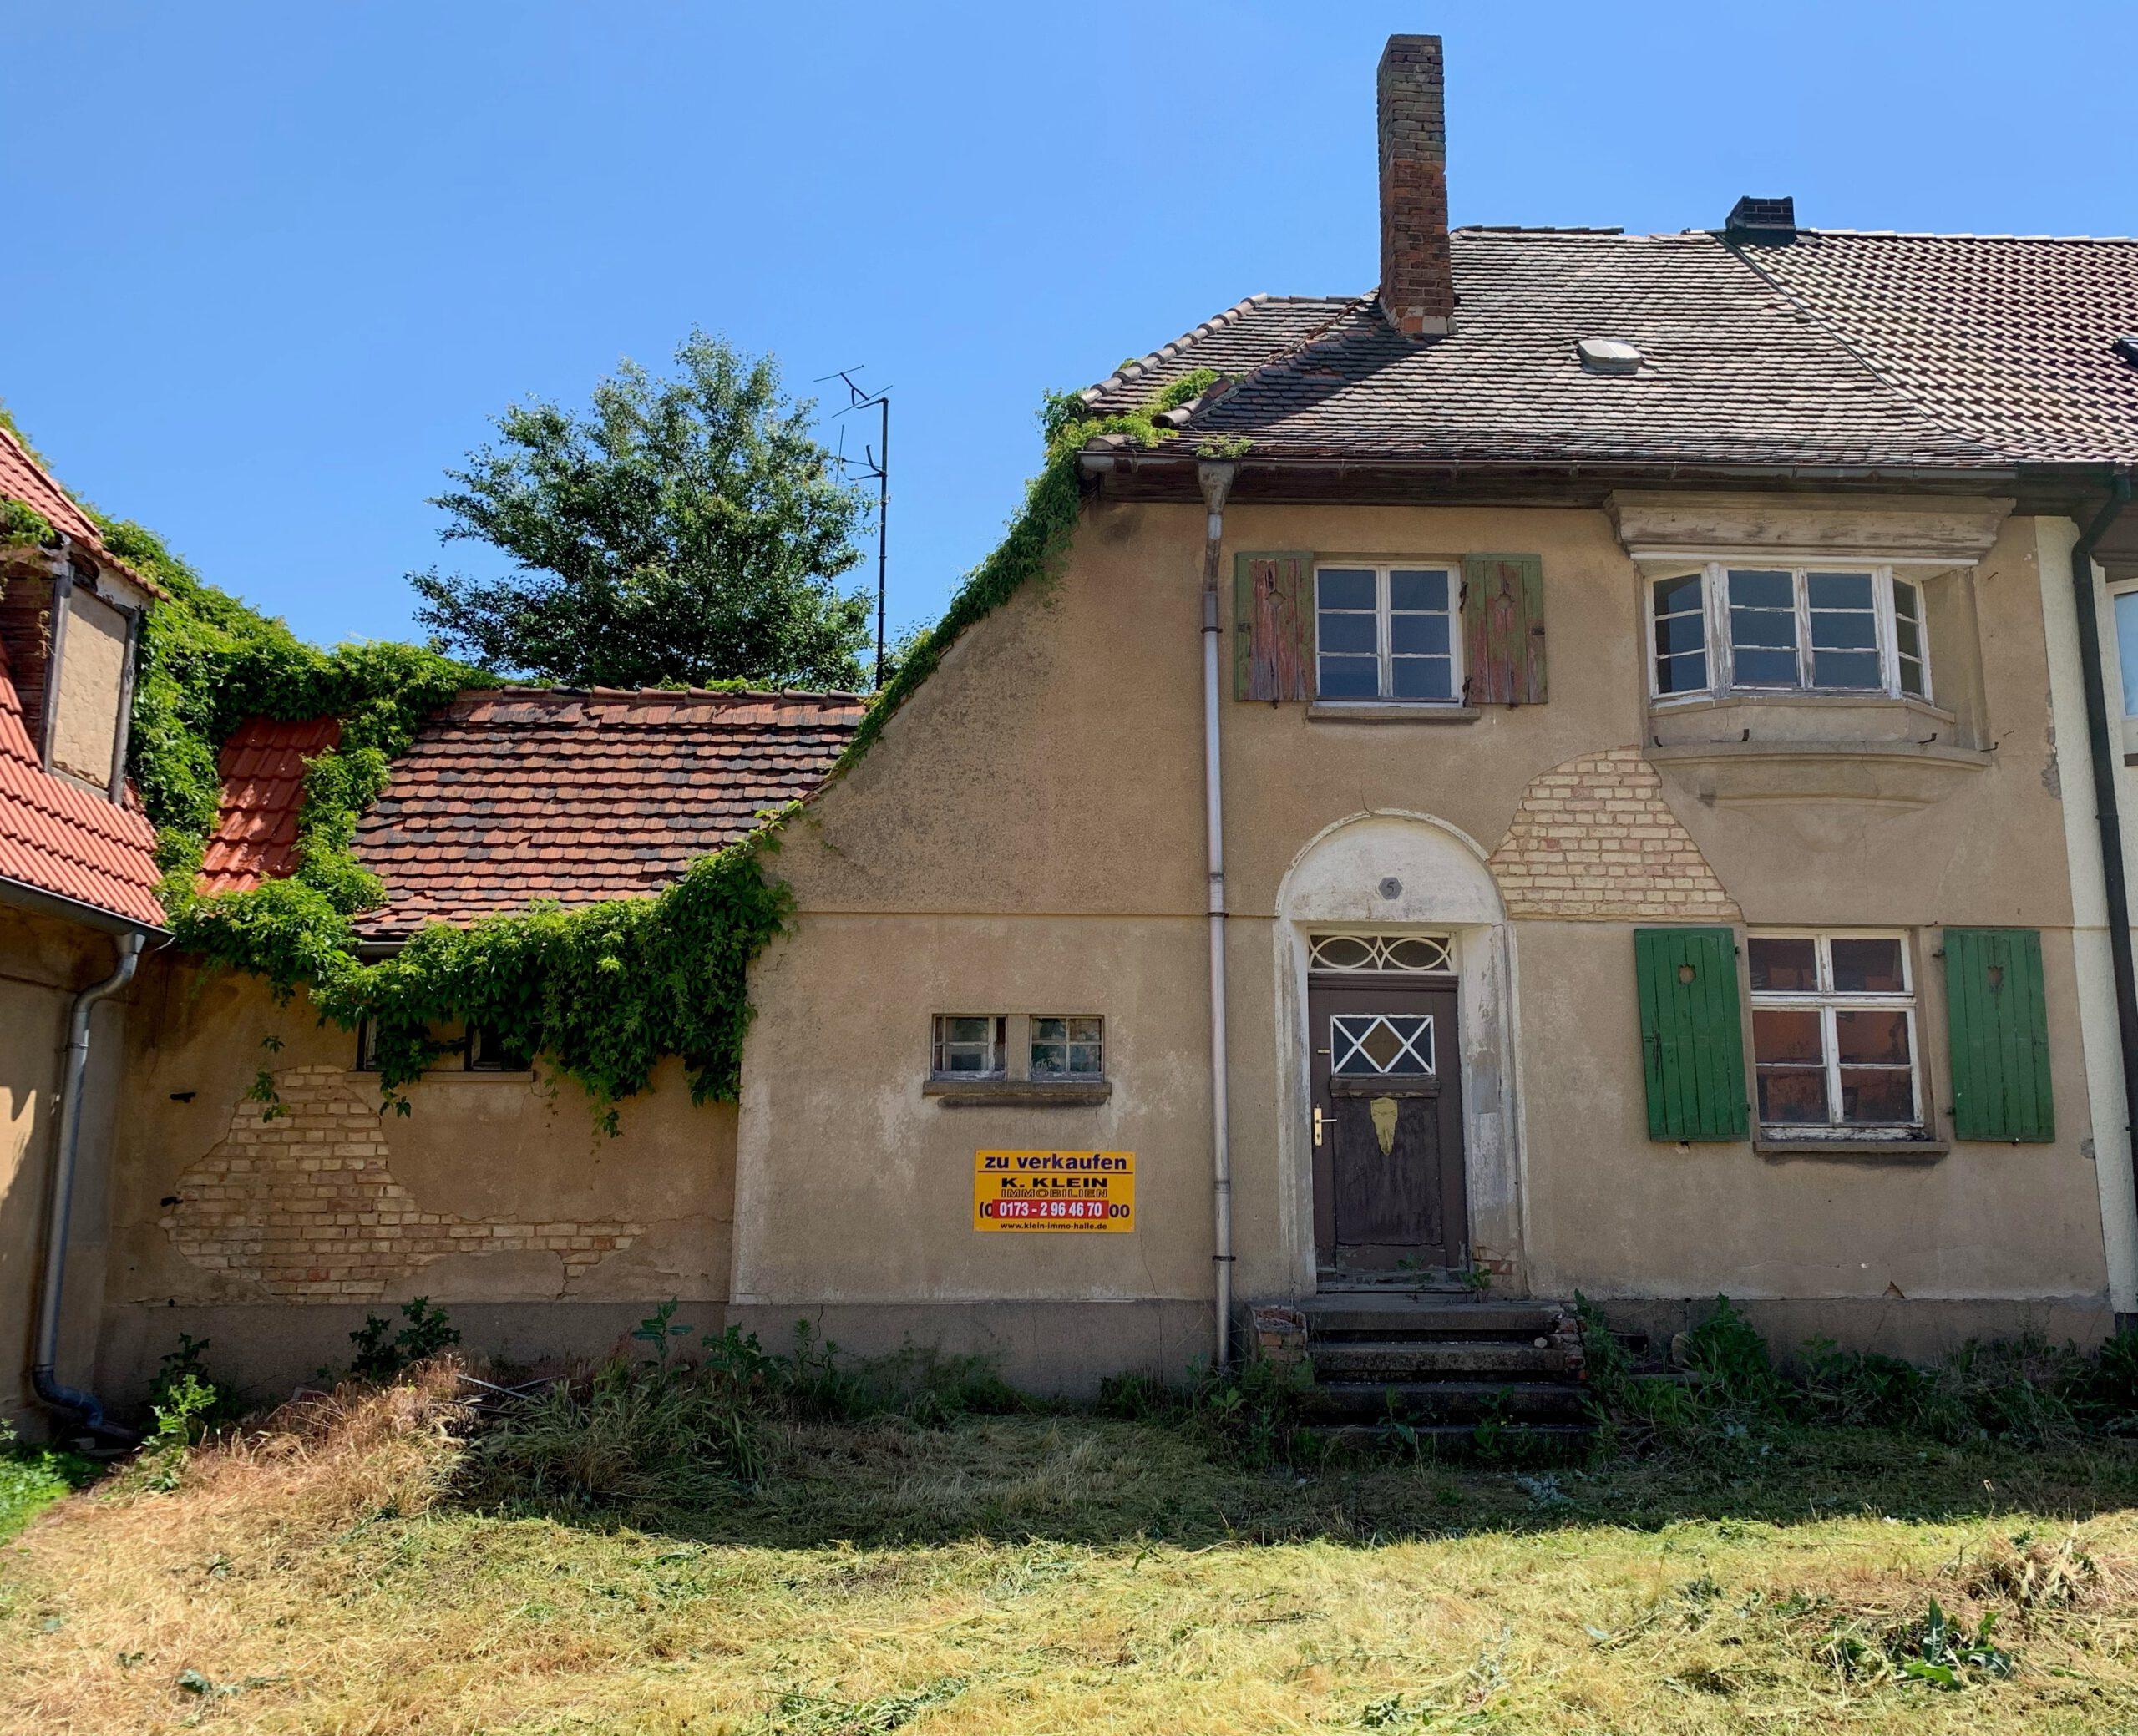 Einfamilienhaus in Stöbnitz - Vorderansicht